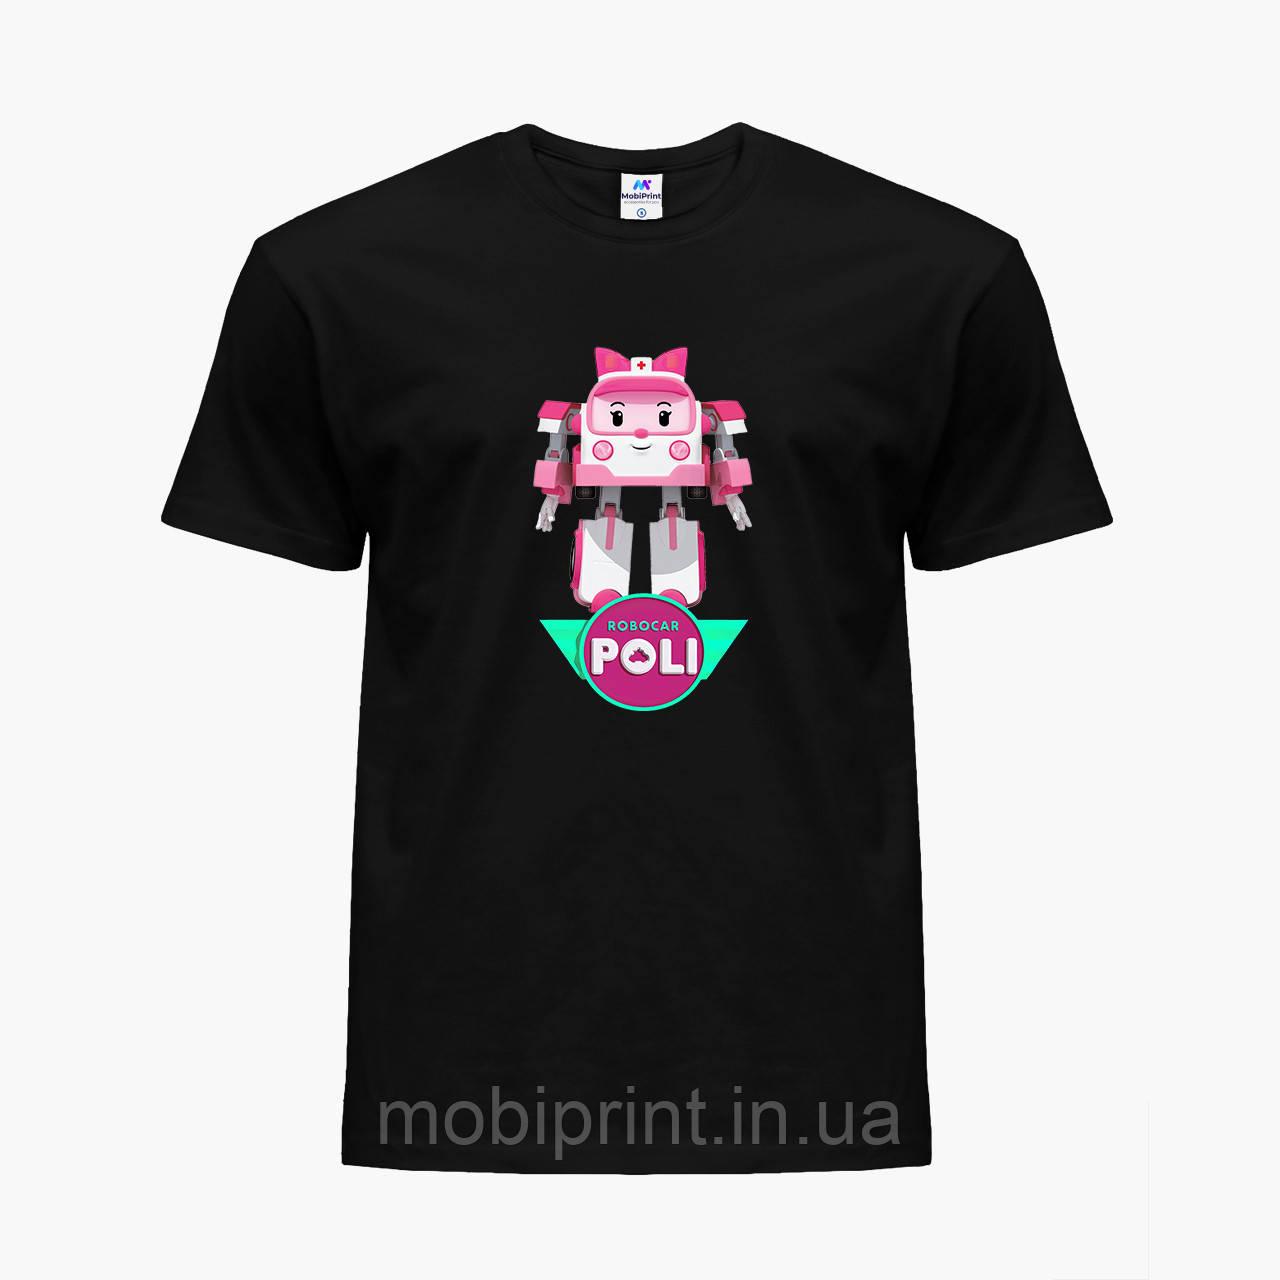 Детская футболка для девочек Робокар Поли (Robocar Poli) (25186-1621) Черный